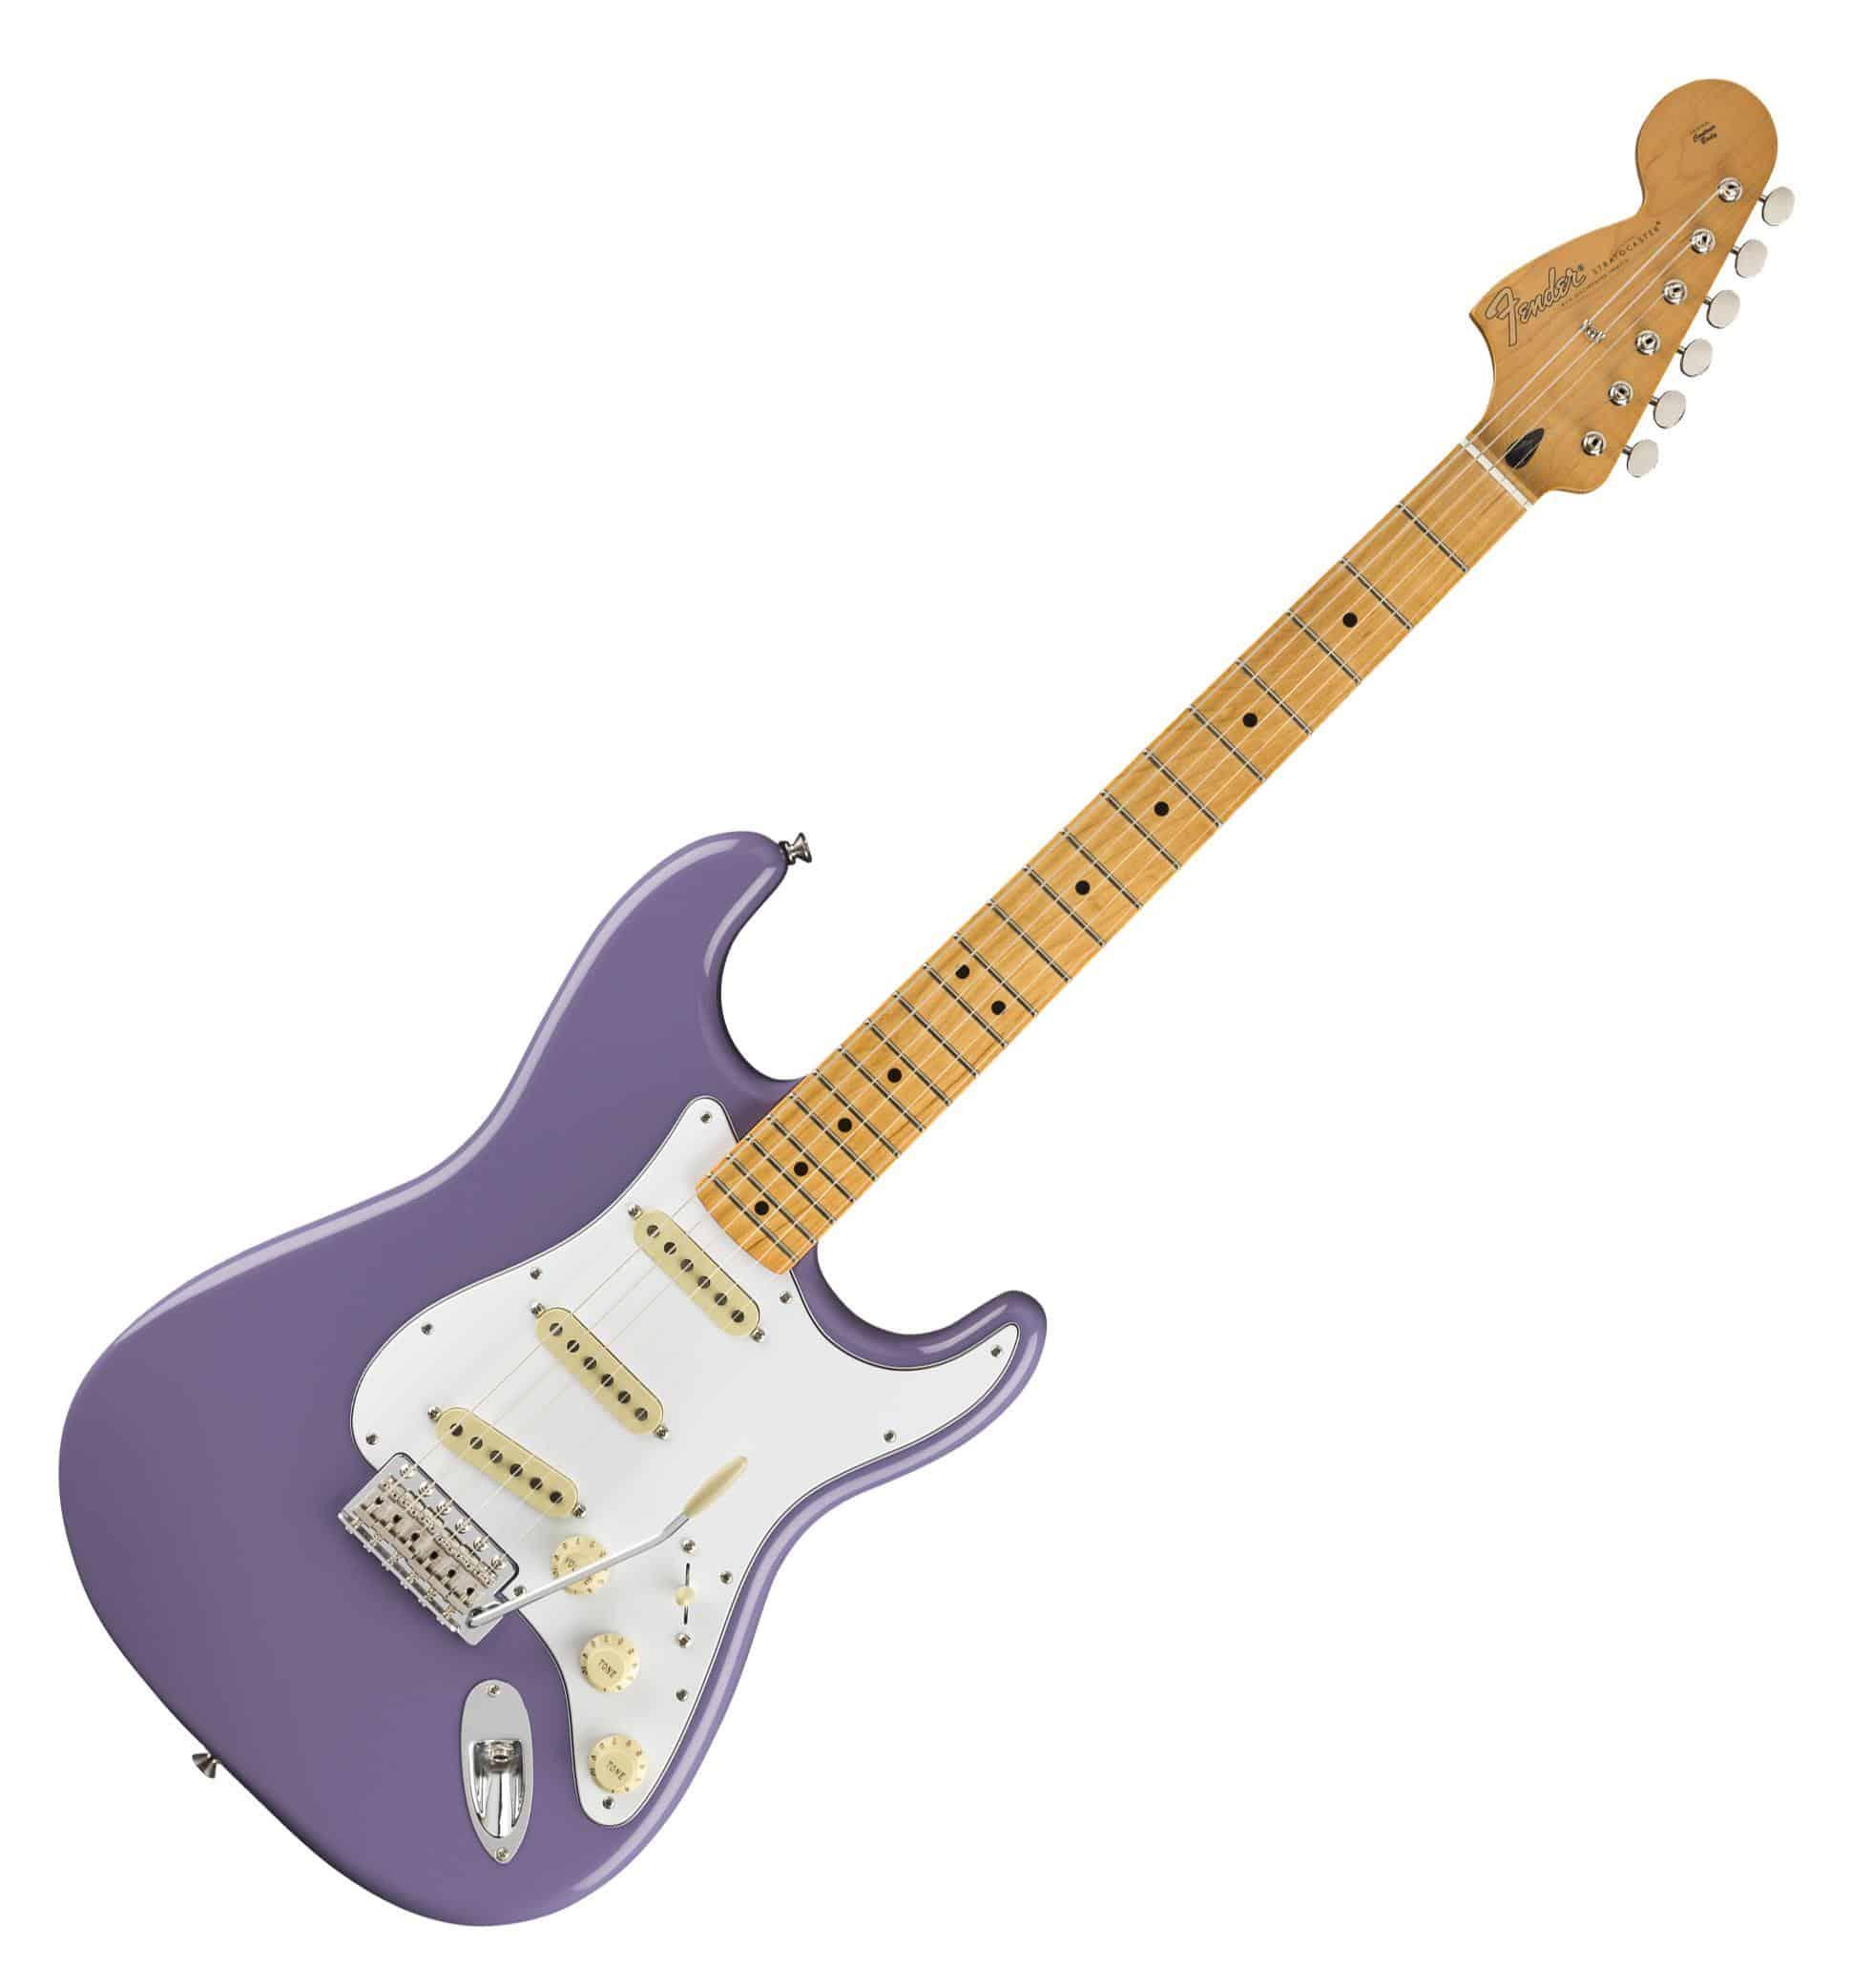 Egitarren - Fender Jimi Hendrix Strat MN UVT - Onlineshop Musikhaus Kirstein